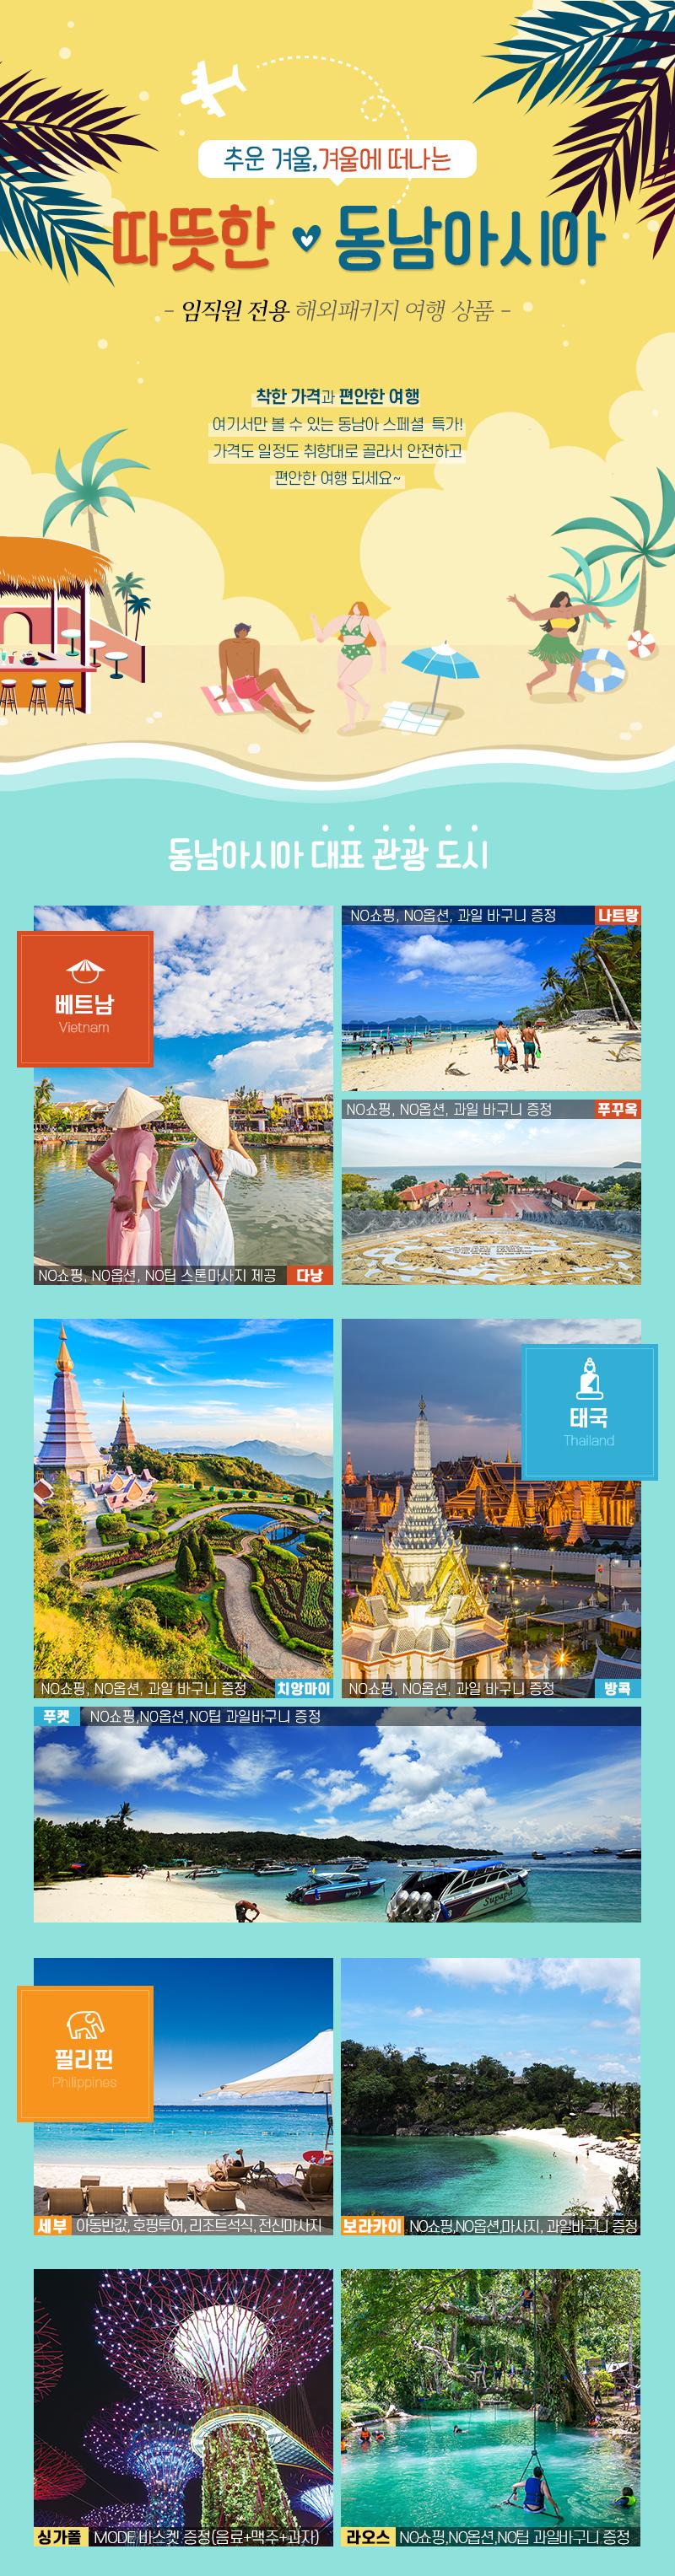 추운겨울에 떠나는 따뜻한 동남아시아